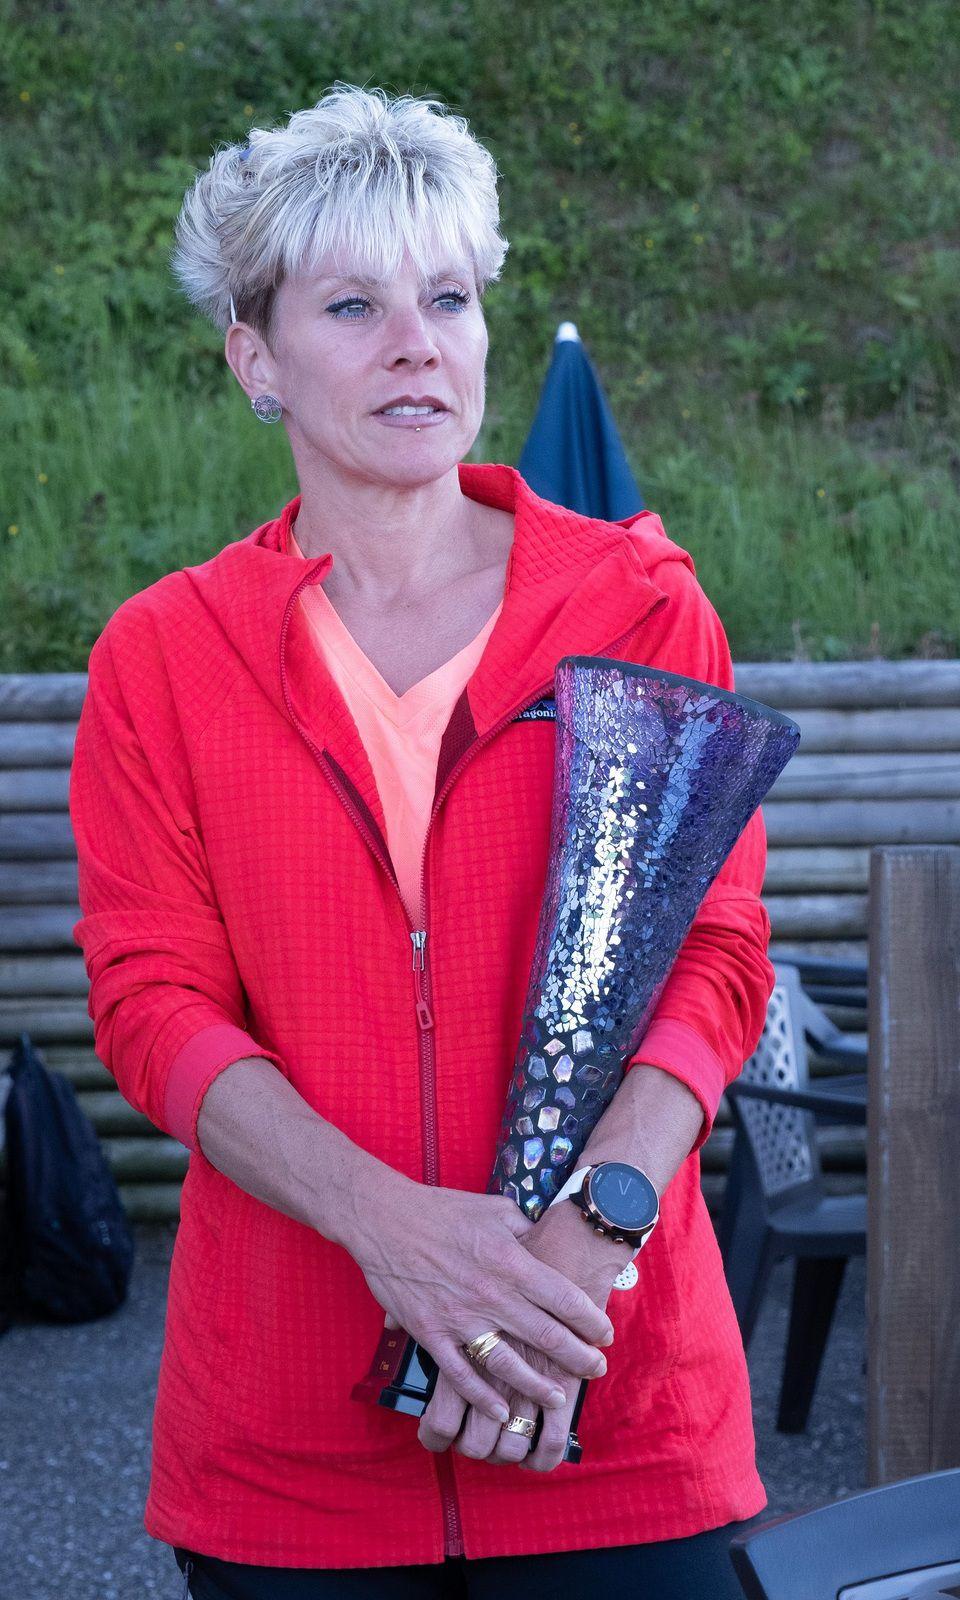 Olivier Cabrera, vainqueur de la première édition, remettant leur coupe aux vainqueurs Femme et Homme  ---  Photos : David ANTOINE